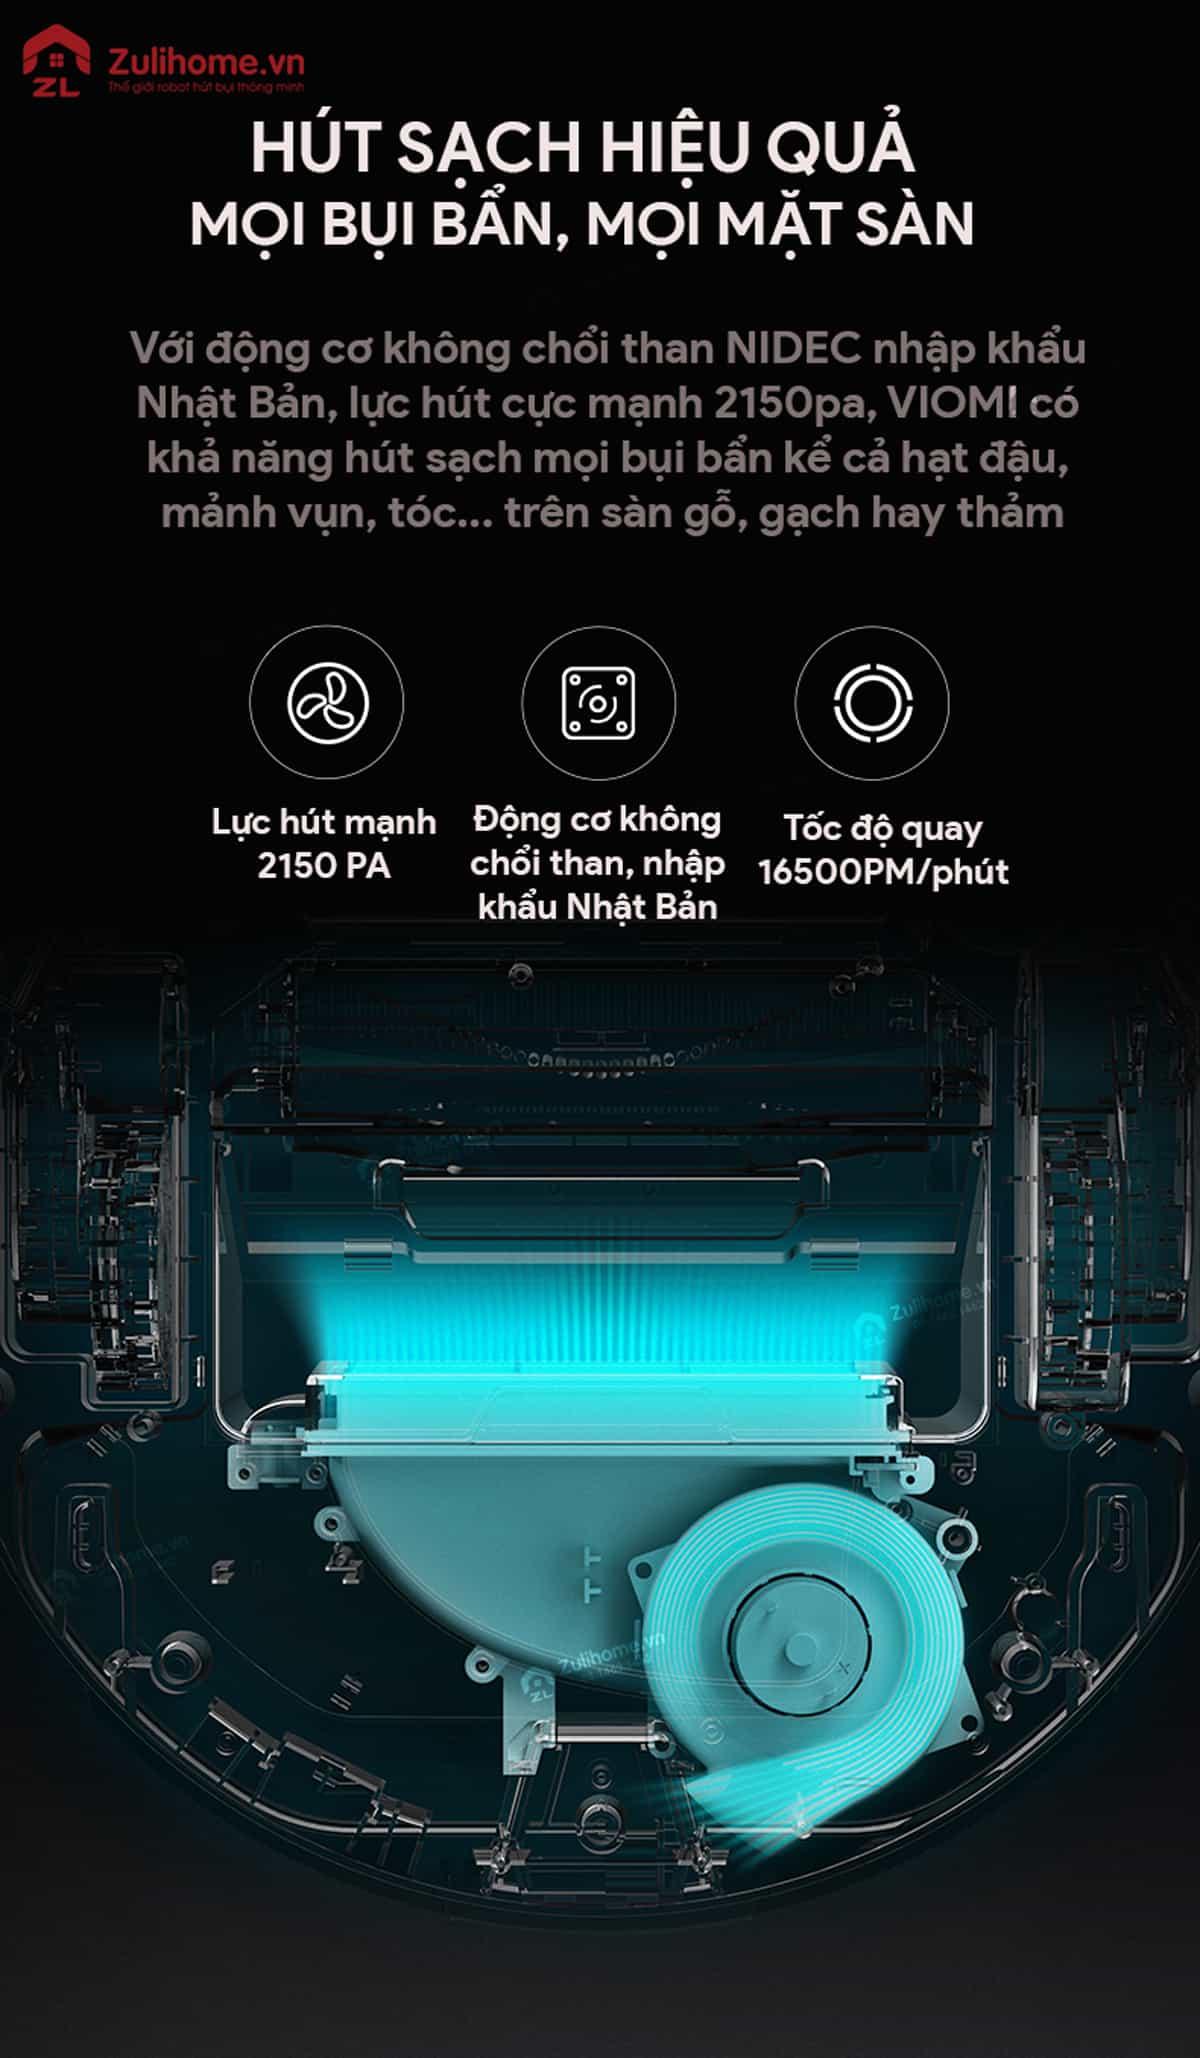 Xiaomi Viomi Yunmi có lực hút mạnh mẽ